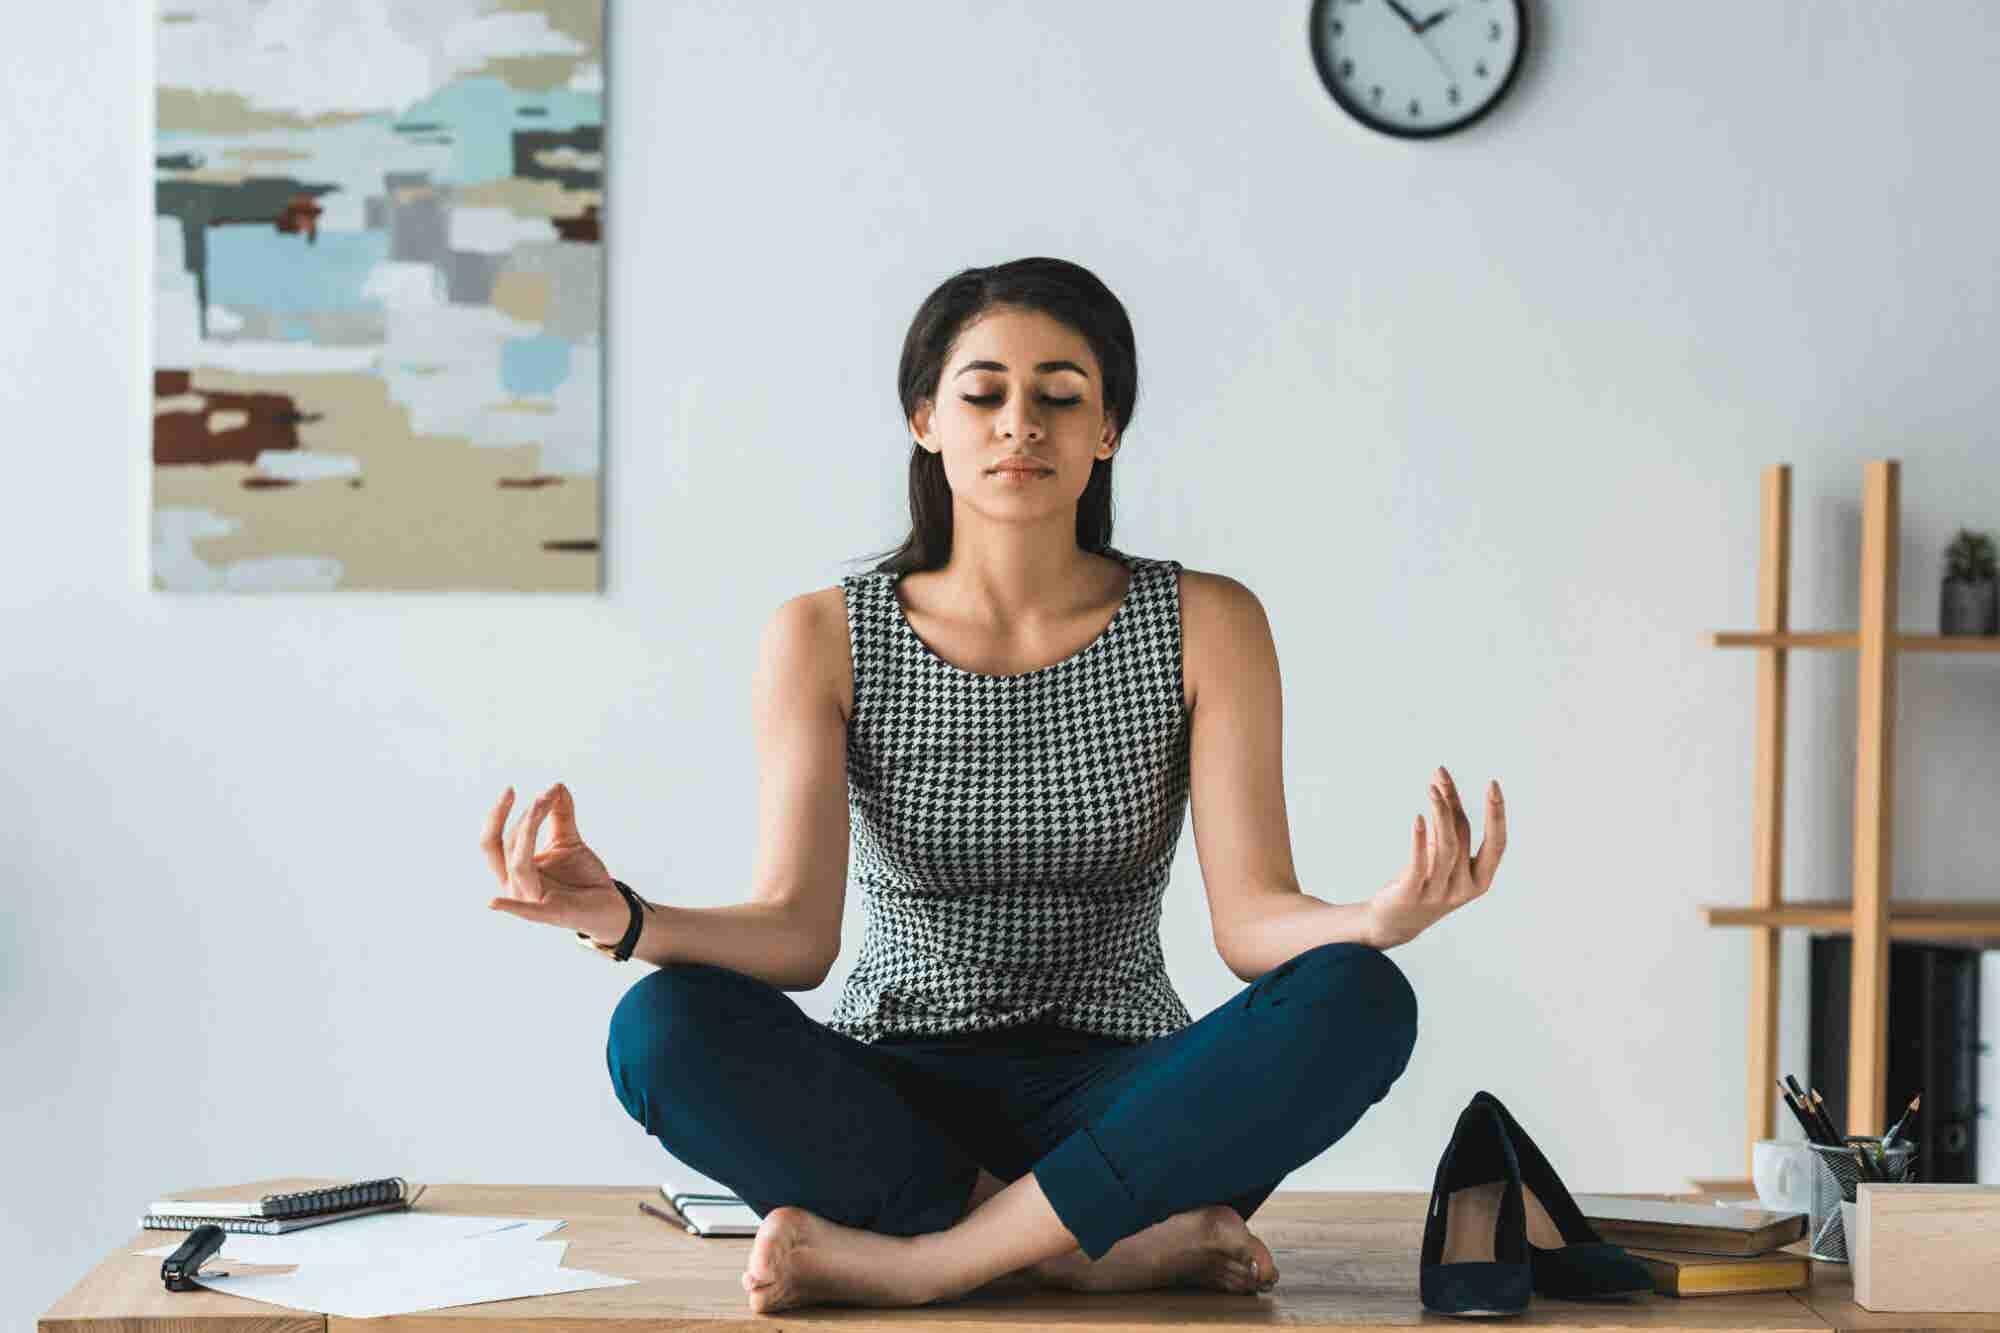 ¿Eres emprendedor? Por estas razones deberías practicar un poquito de yoga